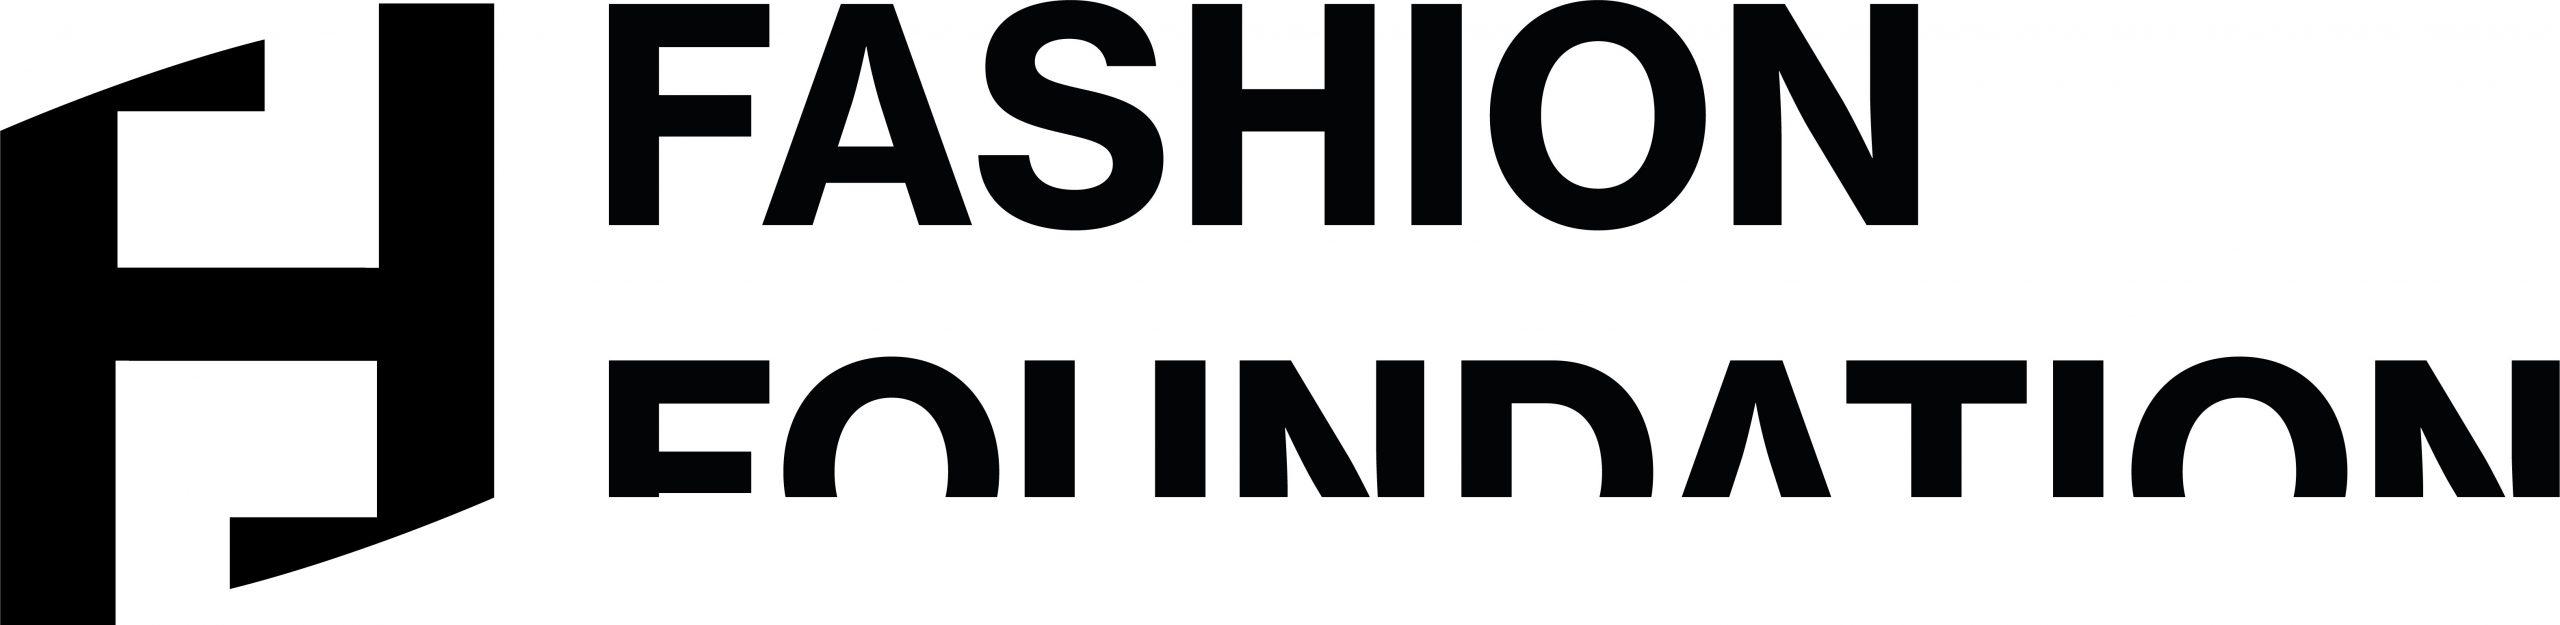 FF_Logo_outline